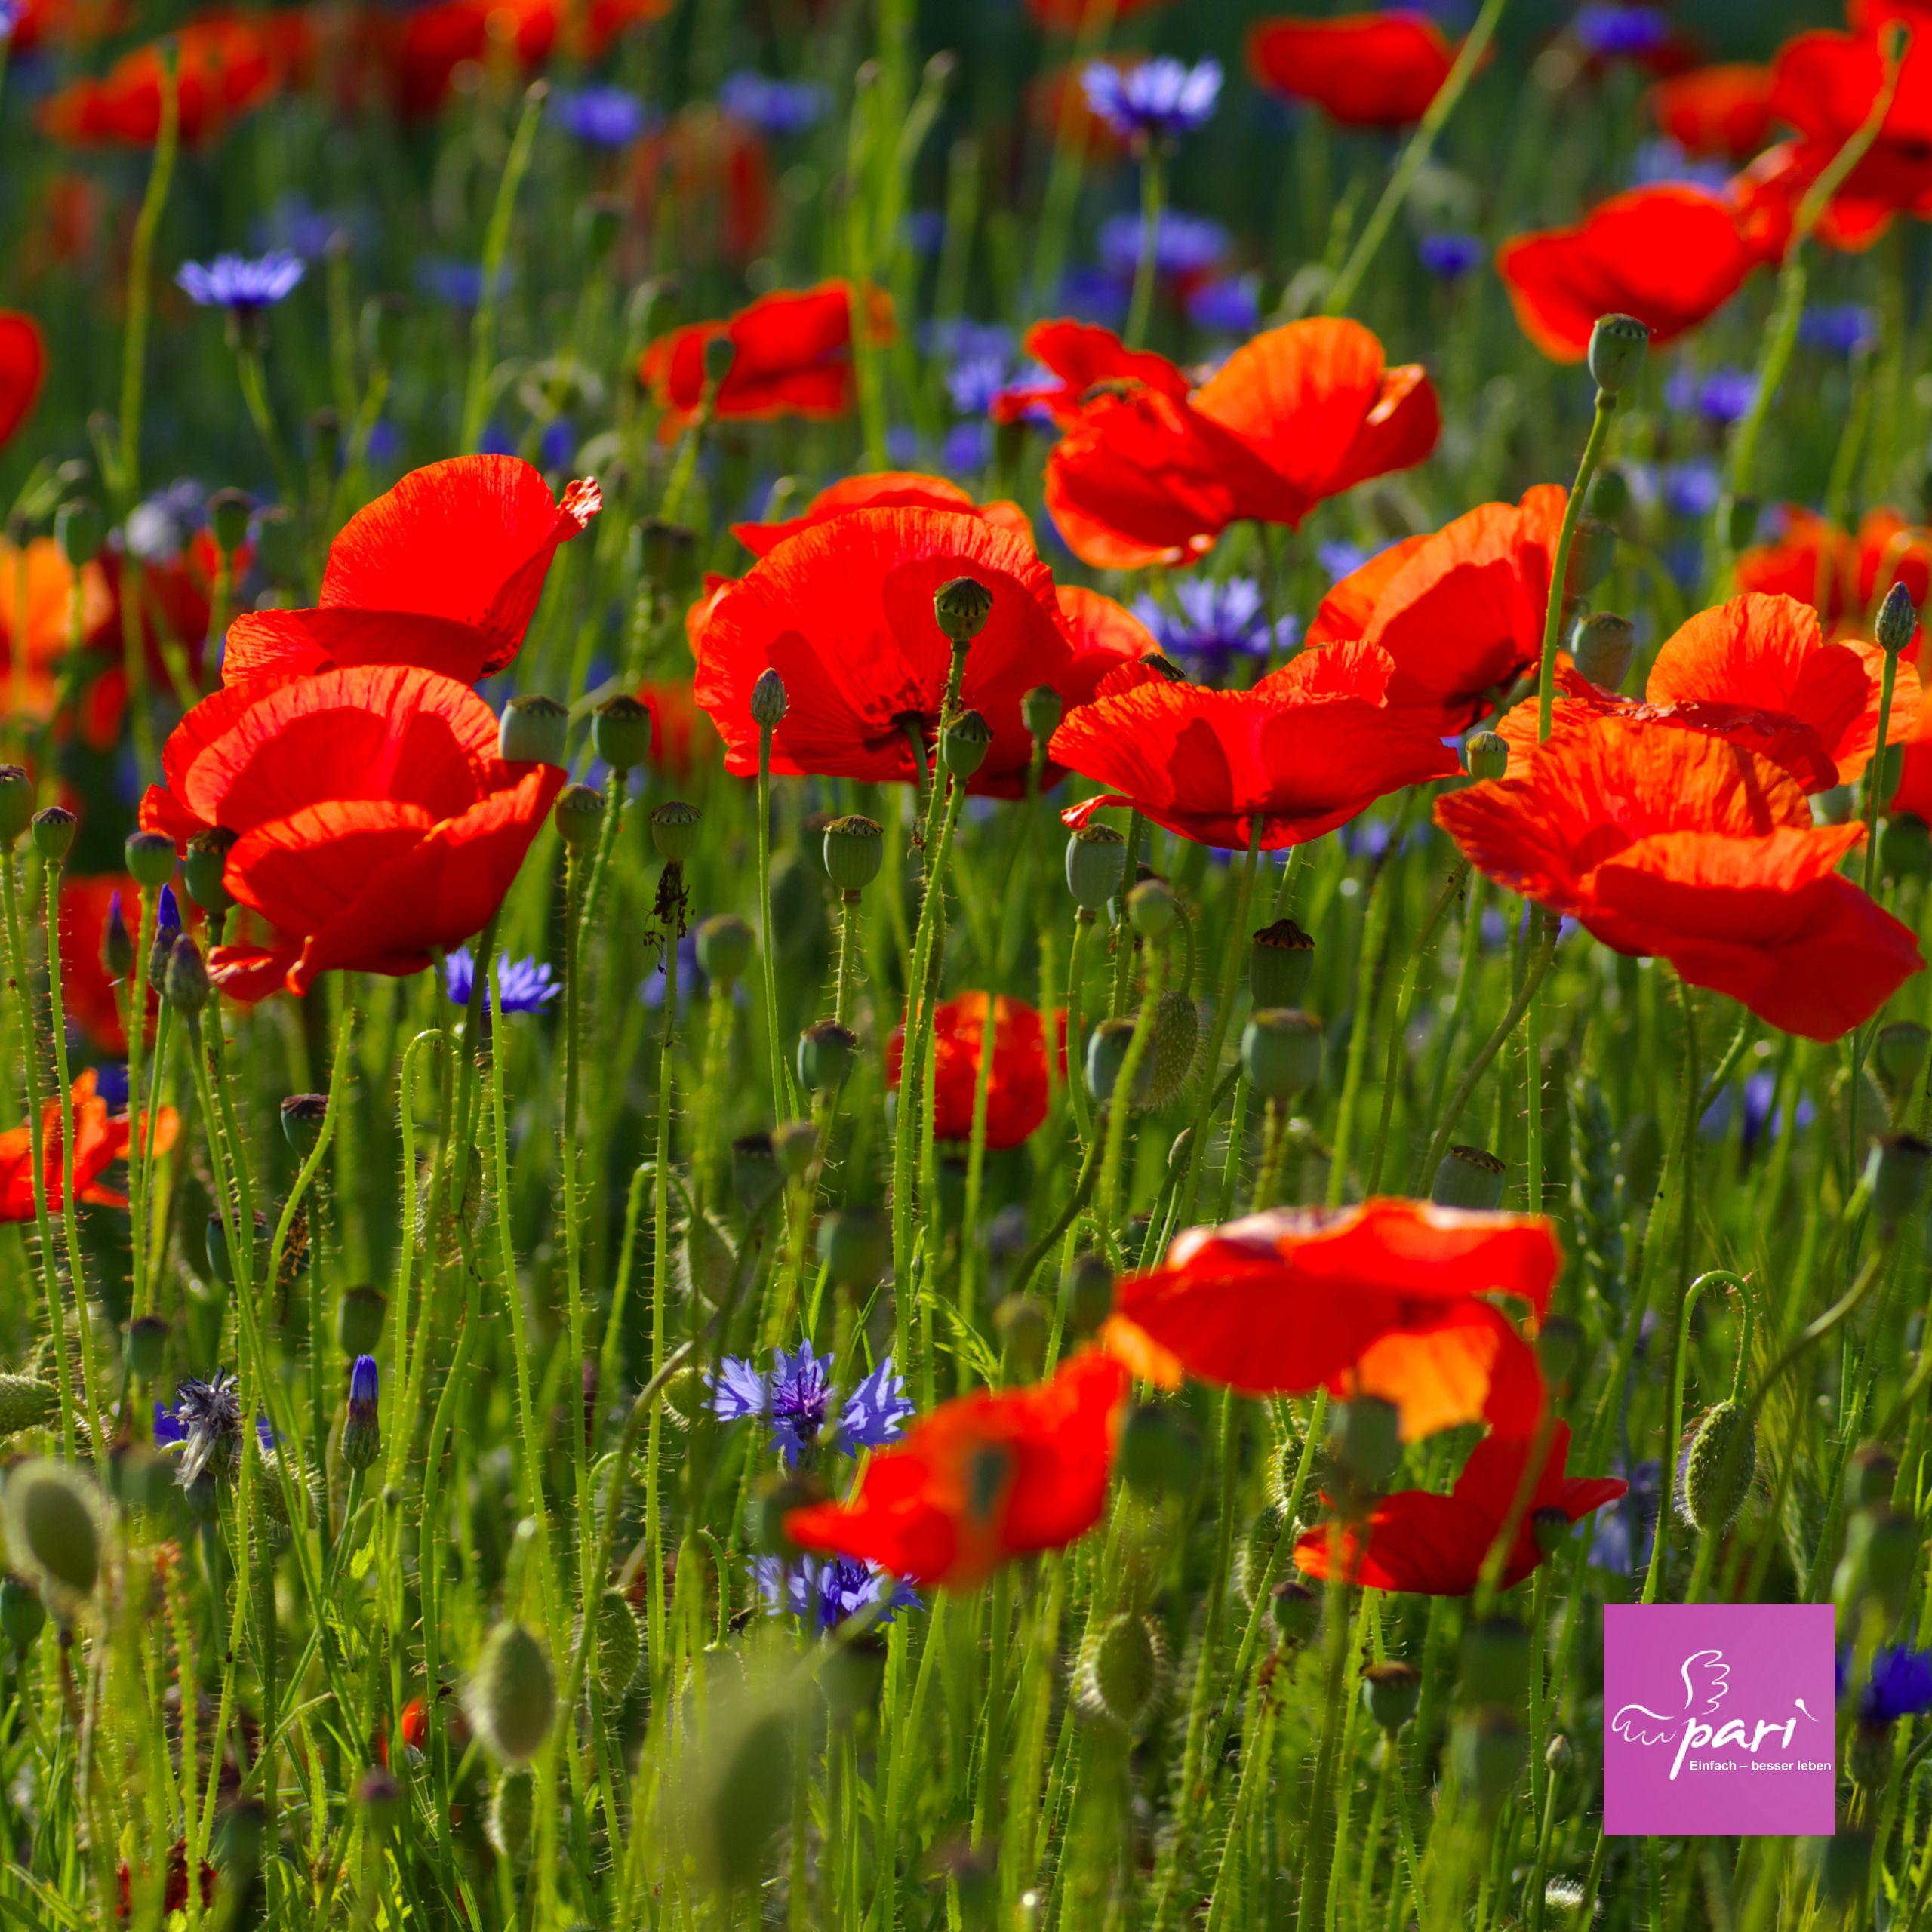 Mohn Schmeckt Nicht Nur Auf Dem Kuchen Sondern Sieht Schon Aus Mohnblume Kornblume Wiese Wiesenblumen Graser Pflanzen Blumen Wiese Jenseitskontakte